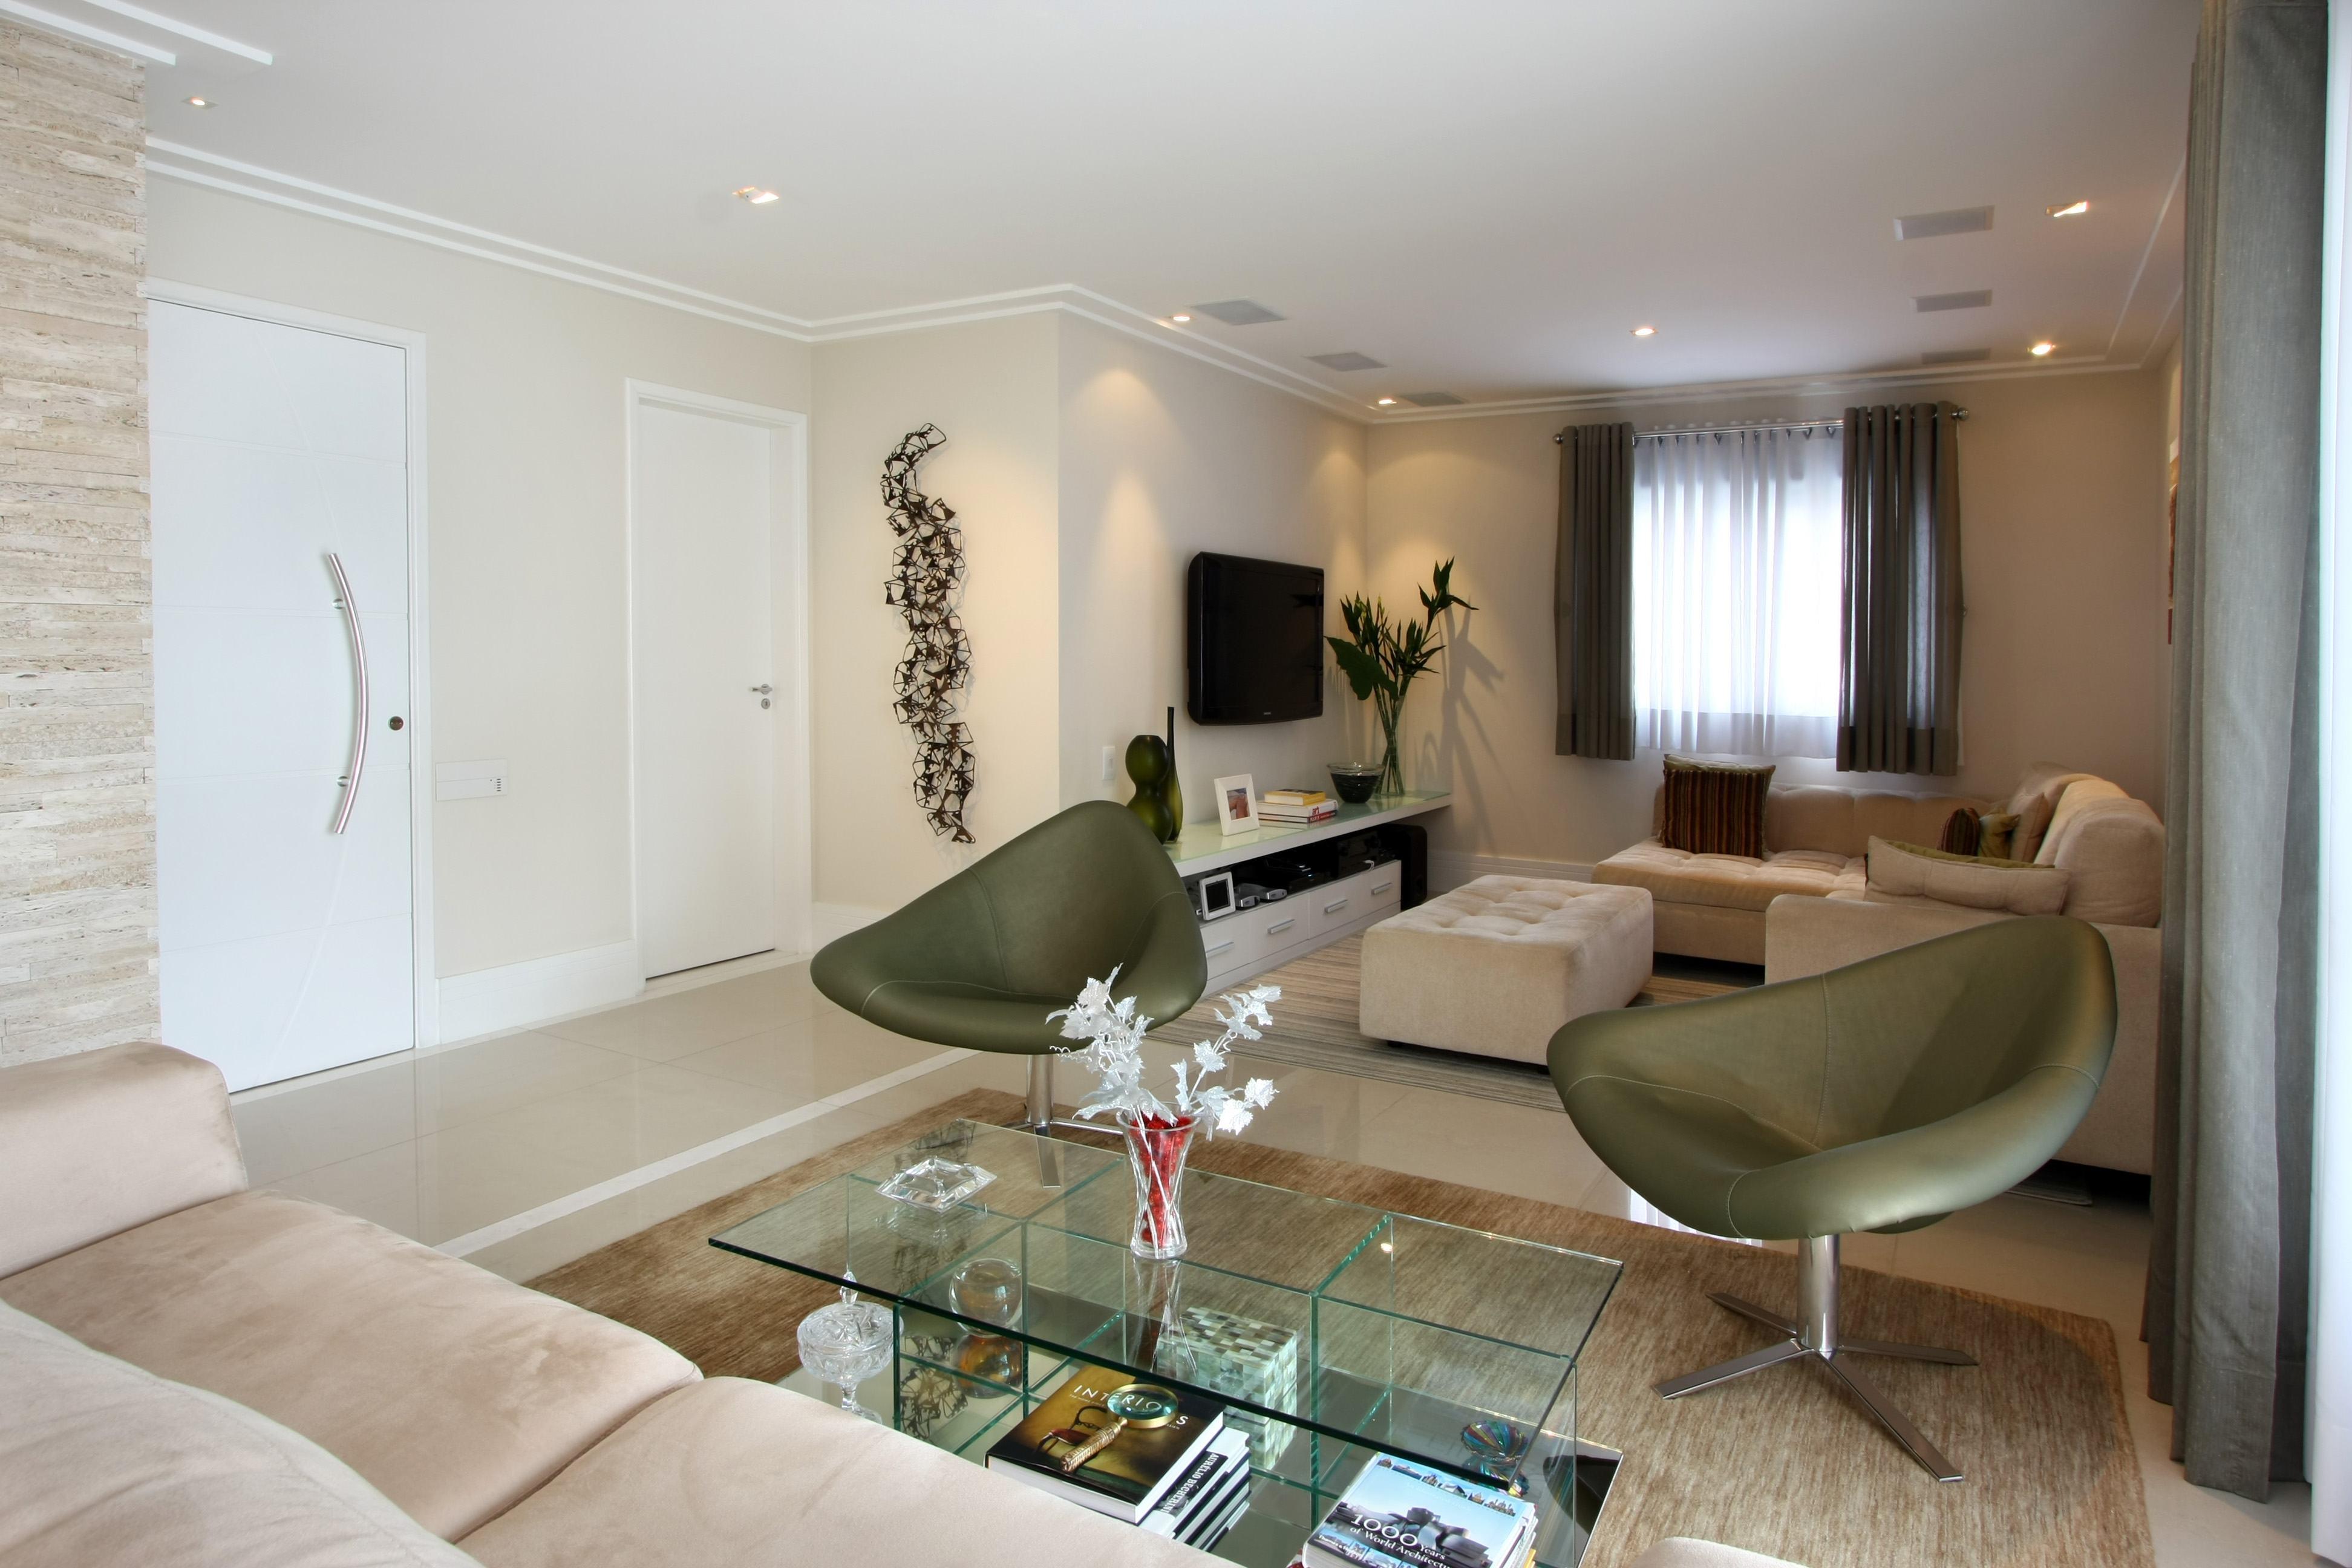 Fotos de sala de estar decorada com bom gosto jet dicas for Fotos de sala de estar